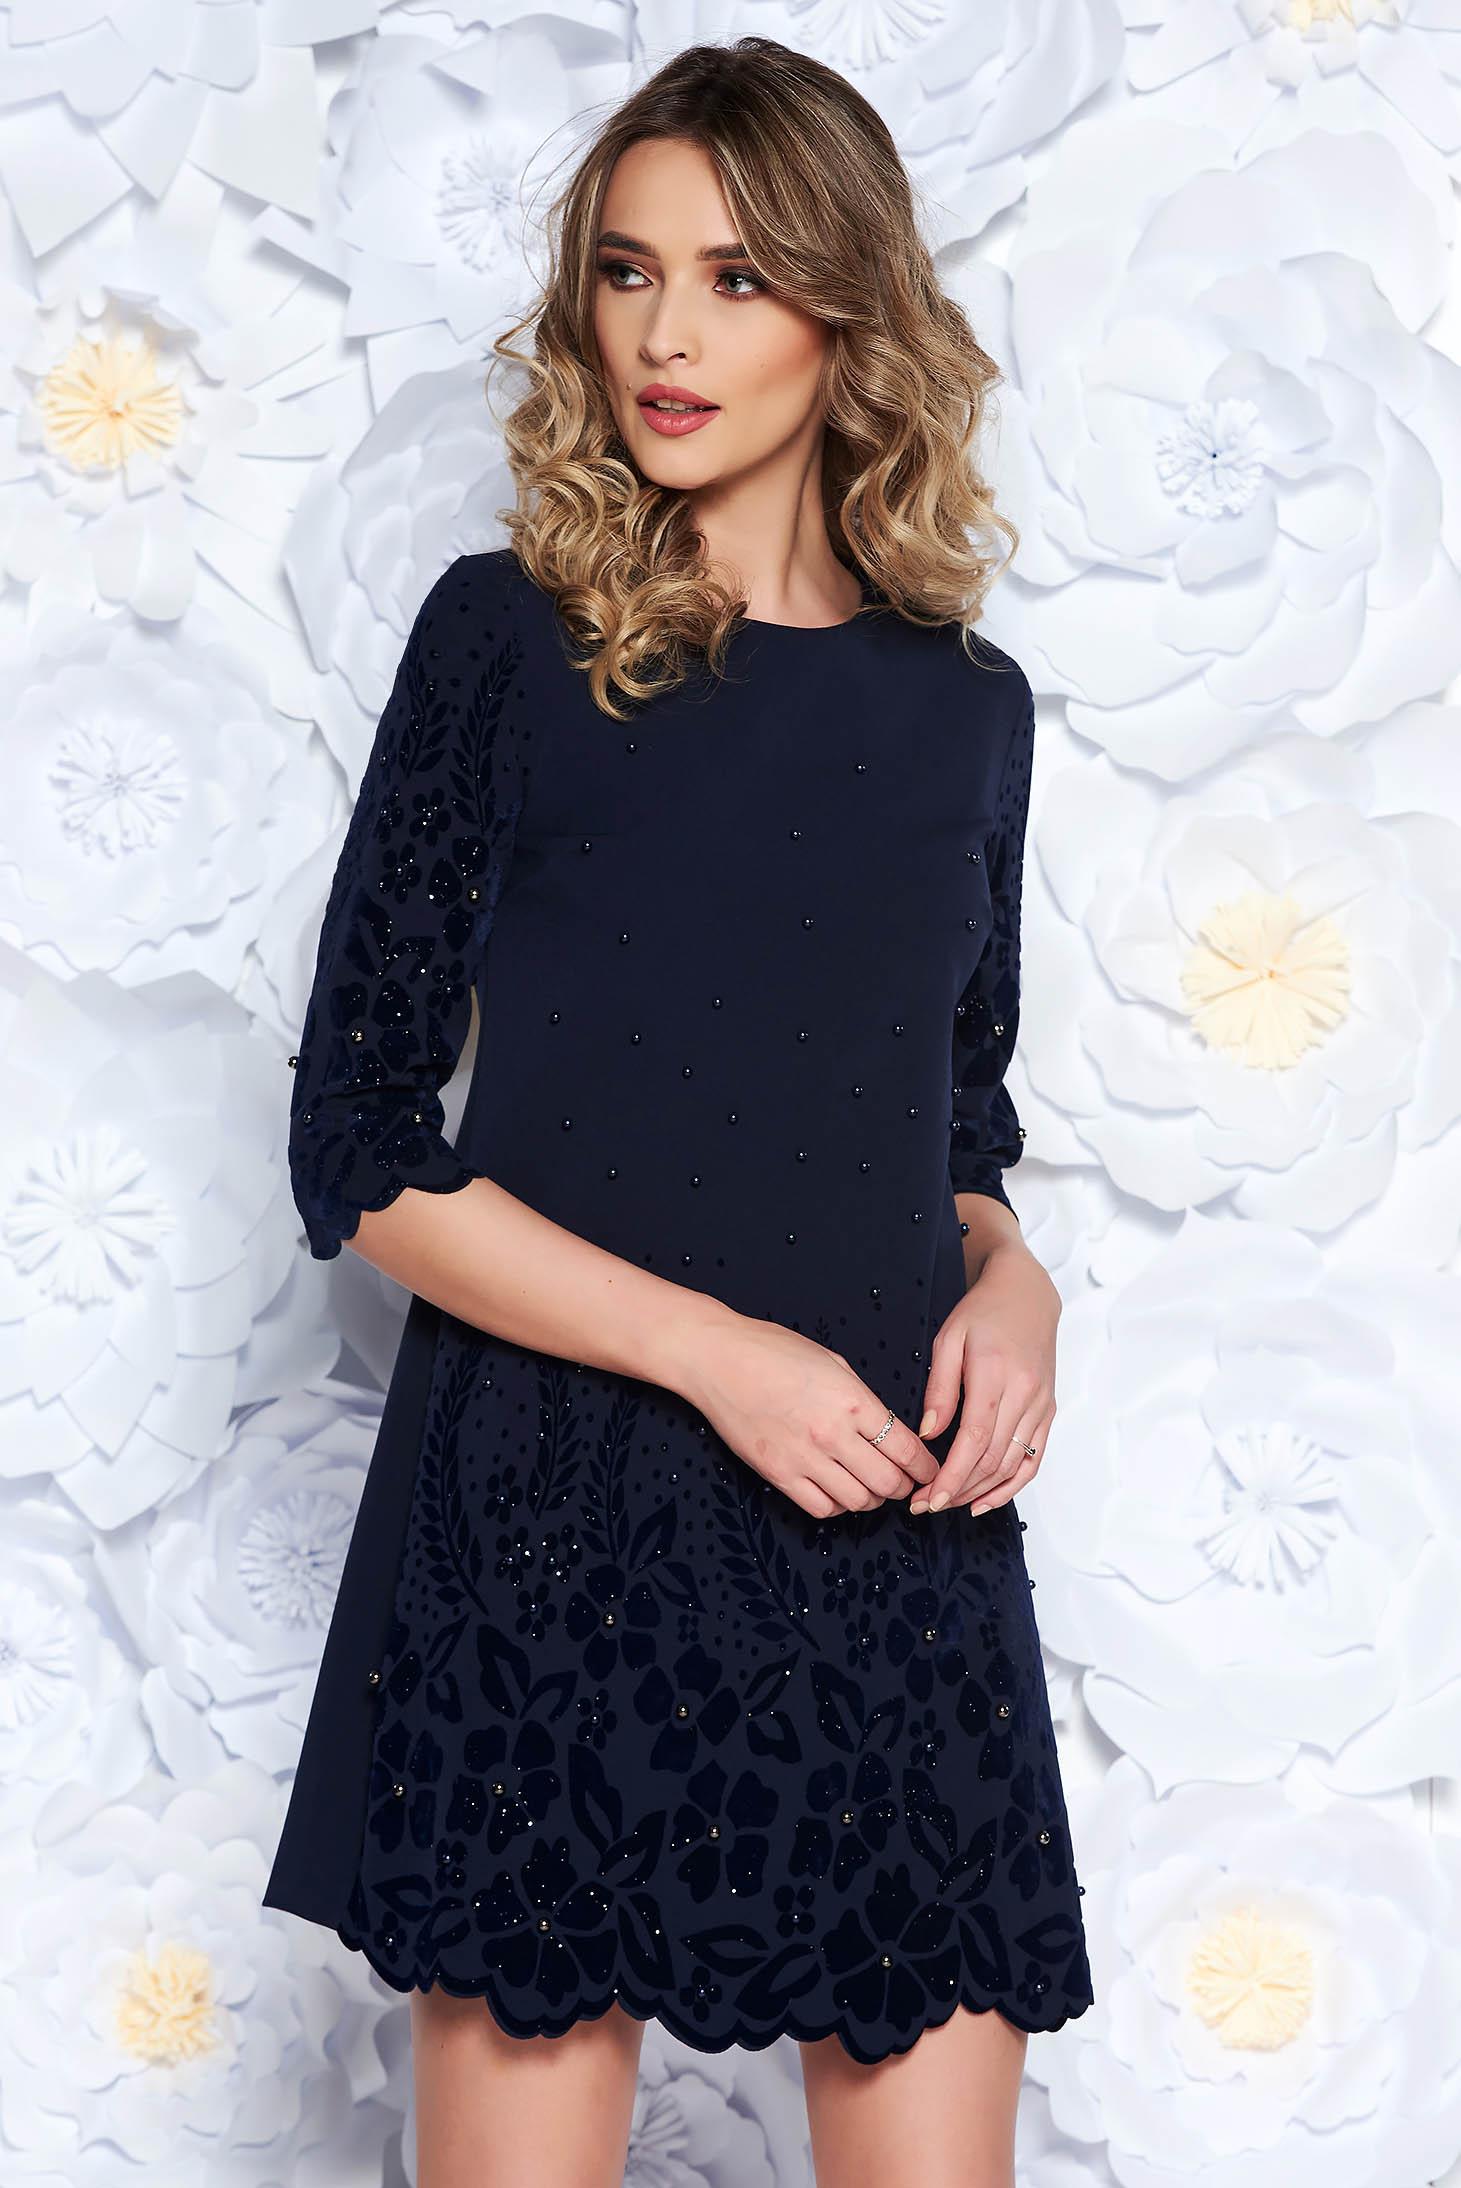 Rochie albastra-inchis eleganta cu un croi drept din stofa usor elastica cu aplicatii cu perle